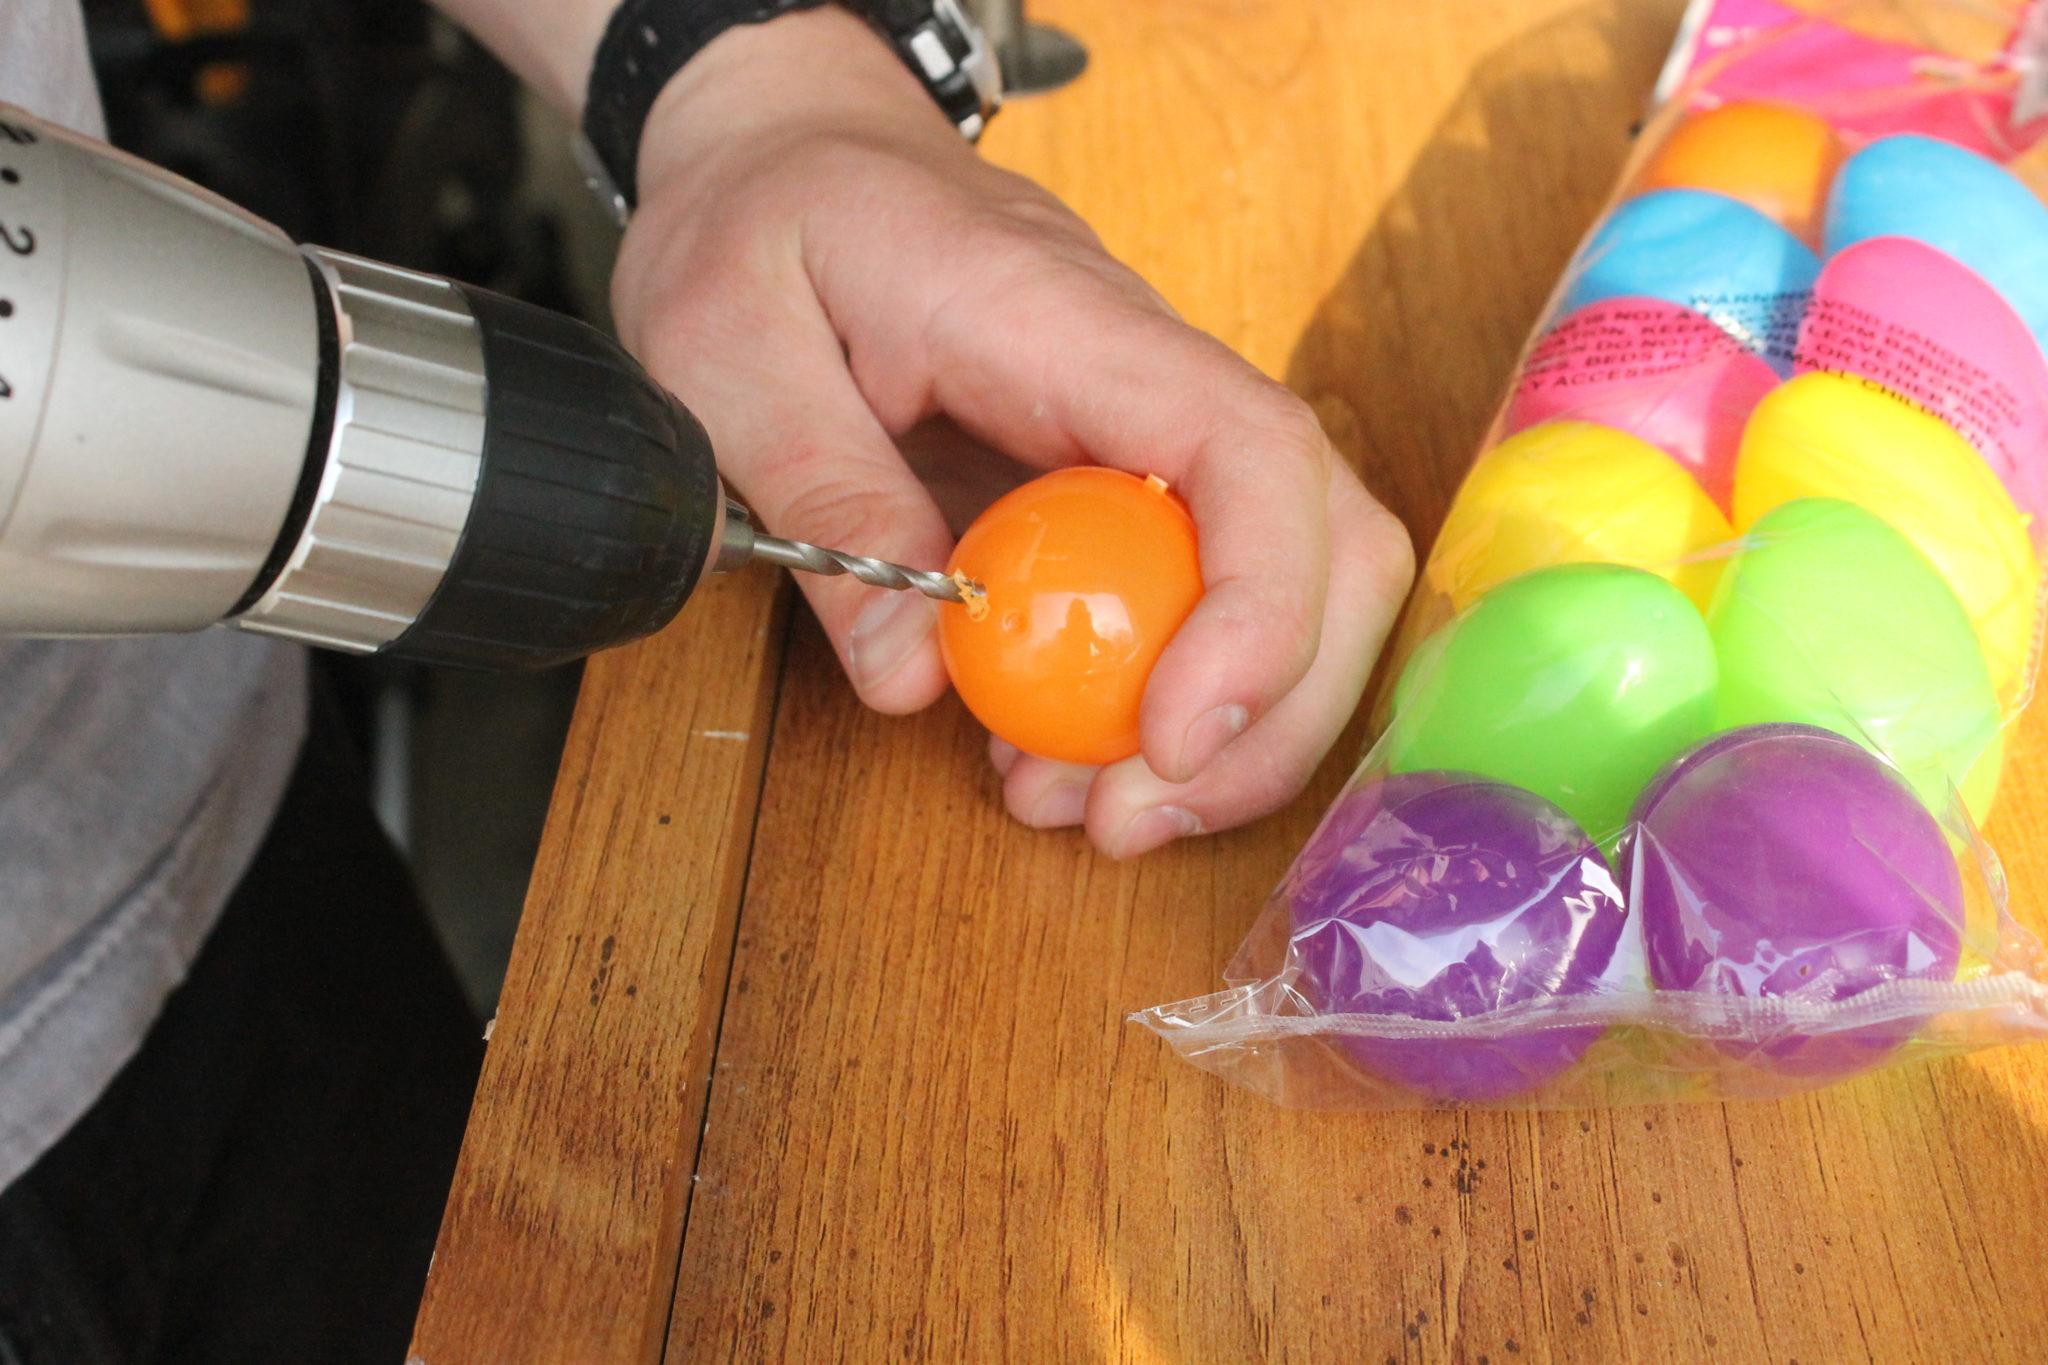 frozen yogurt easter egg pops drilling